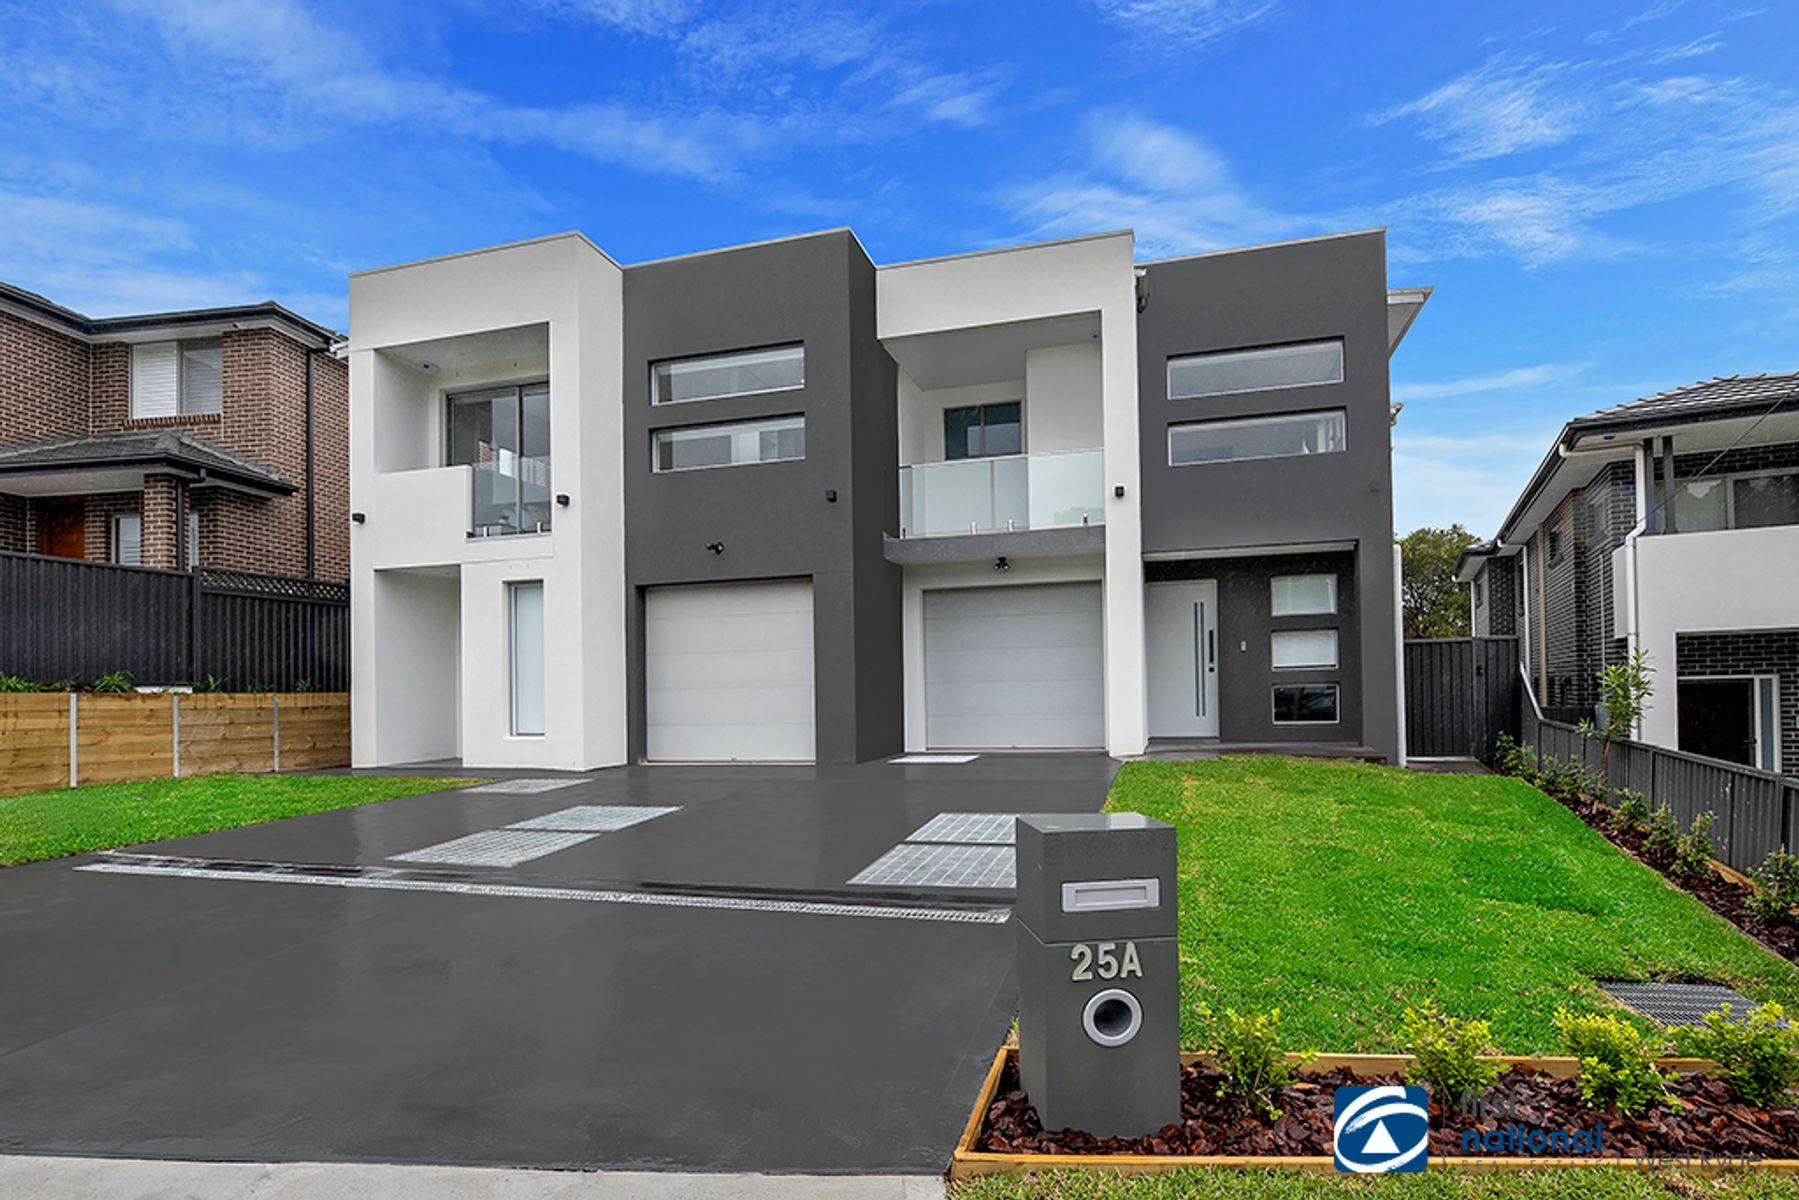 25 Barrawinga Street, Telopea, NSW 2117